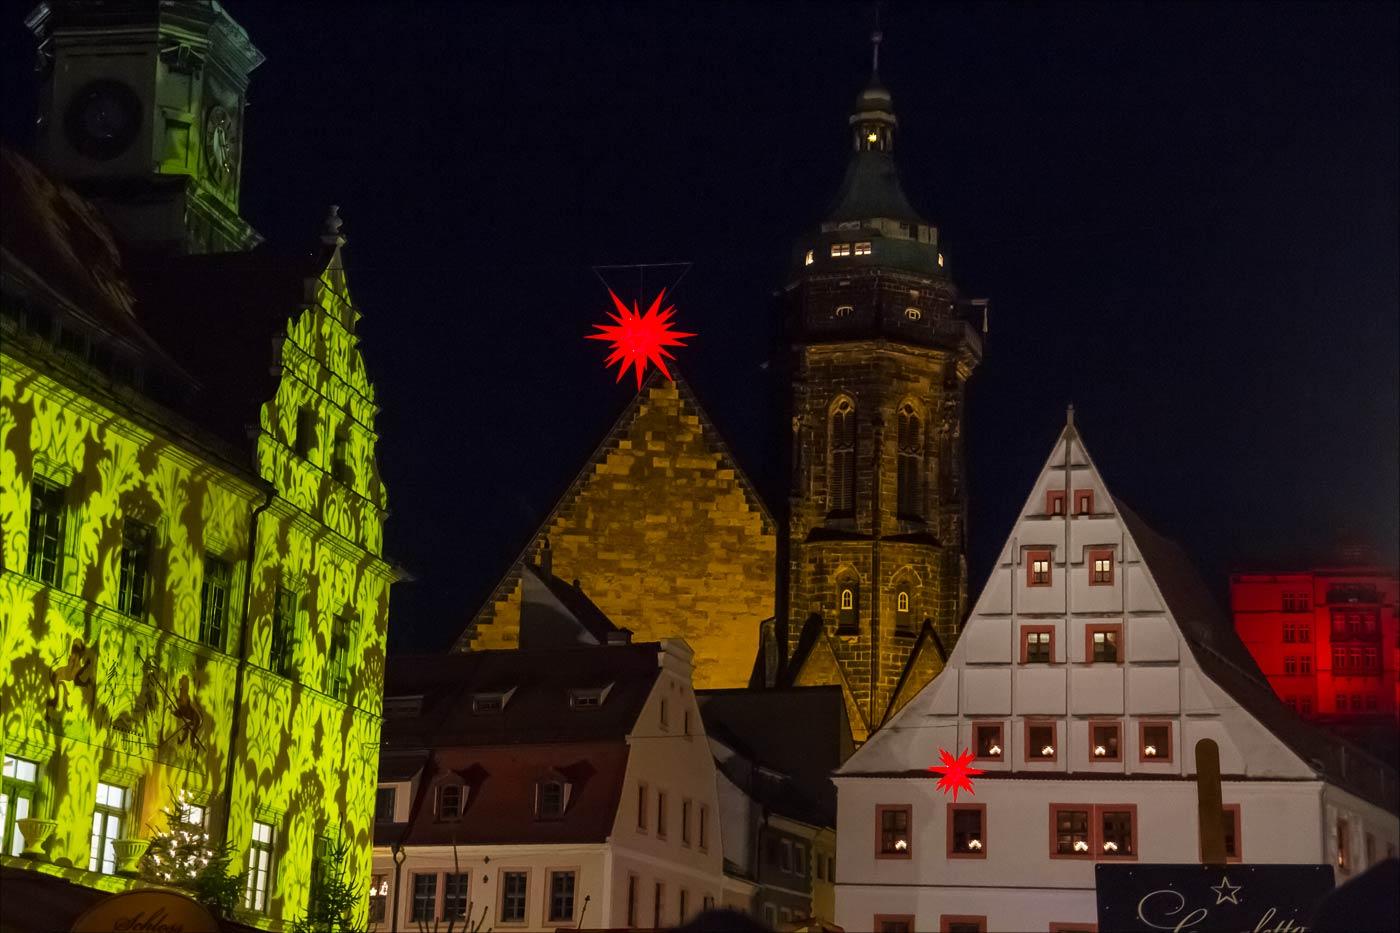 Адвентная иллюминация, Пирна, Германия